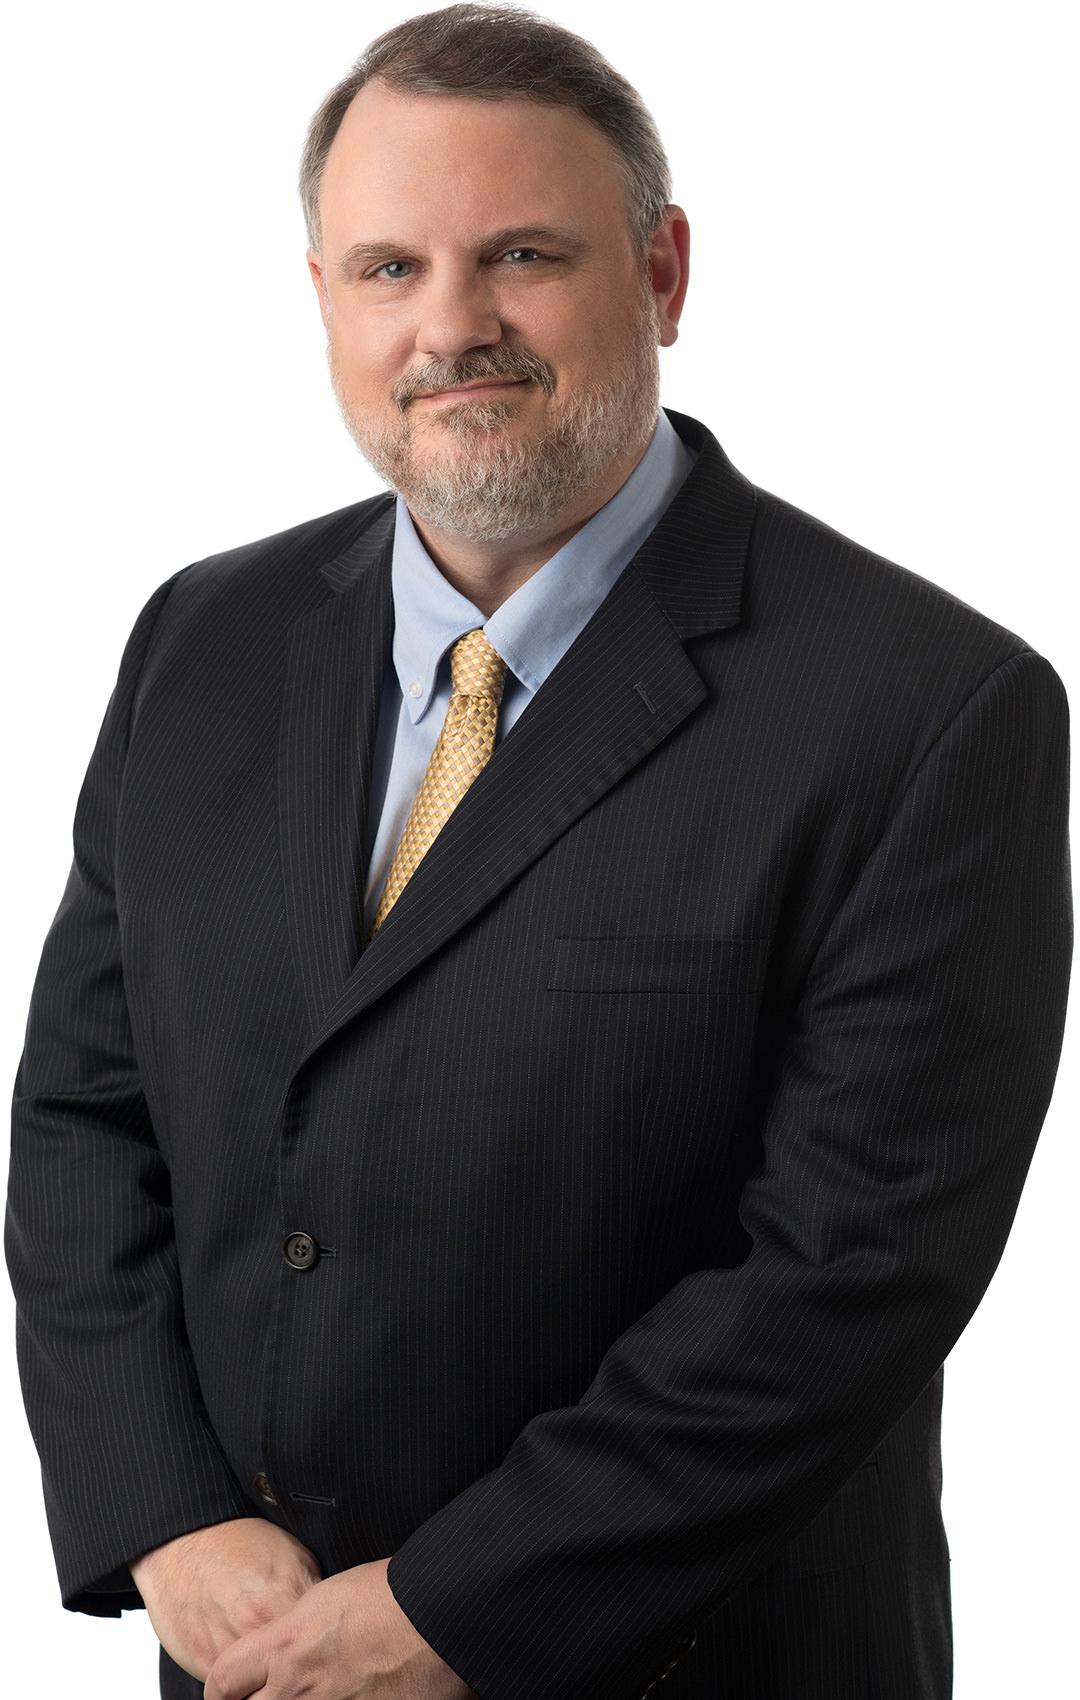 C. Mitchell Brown